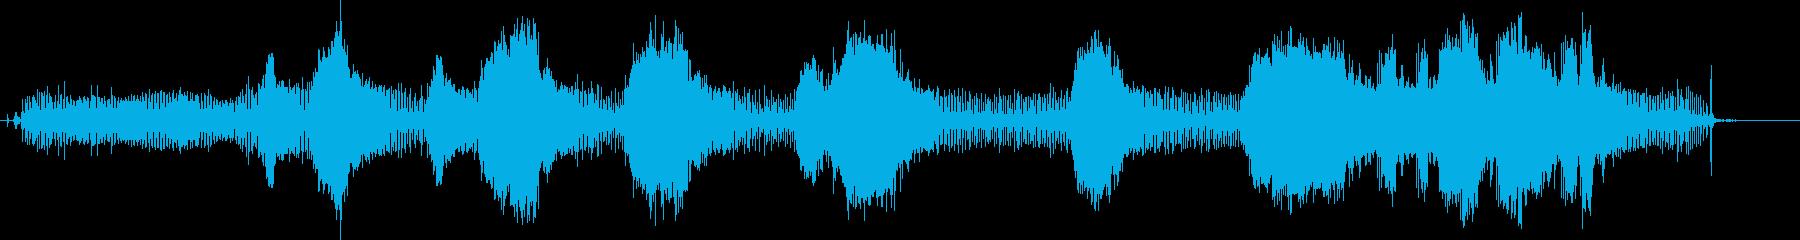 ストリングトリマー-起動、操作、停止の再生済みの波形